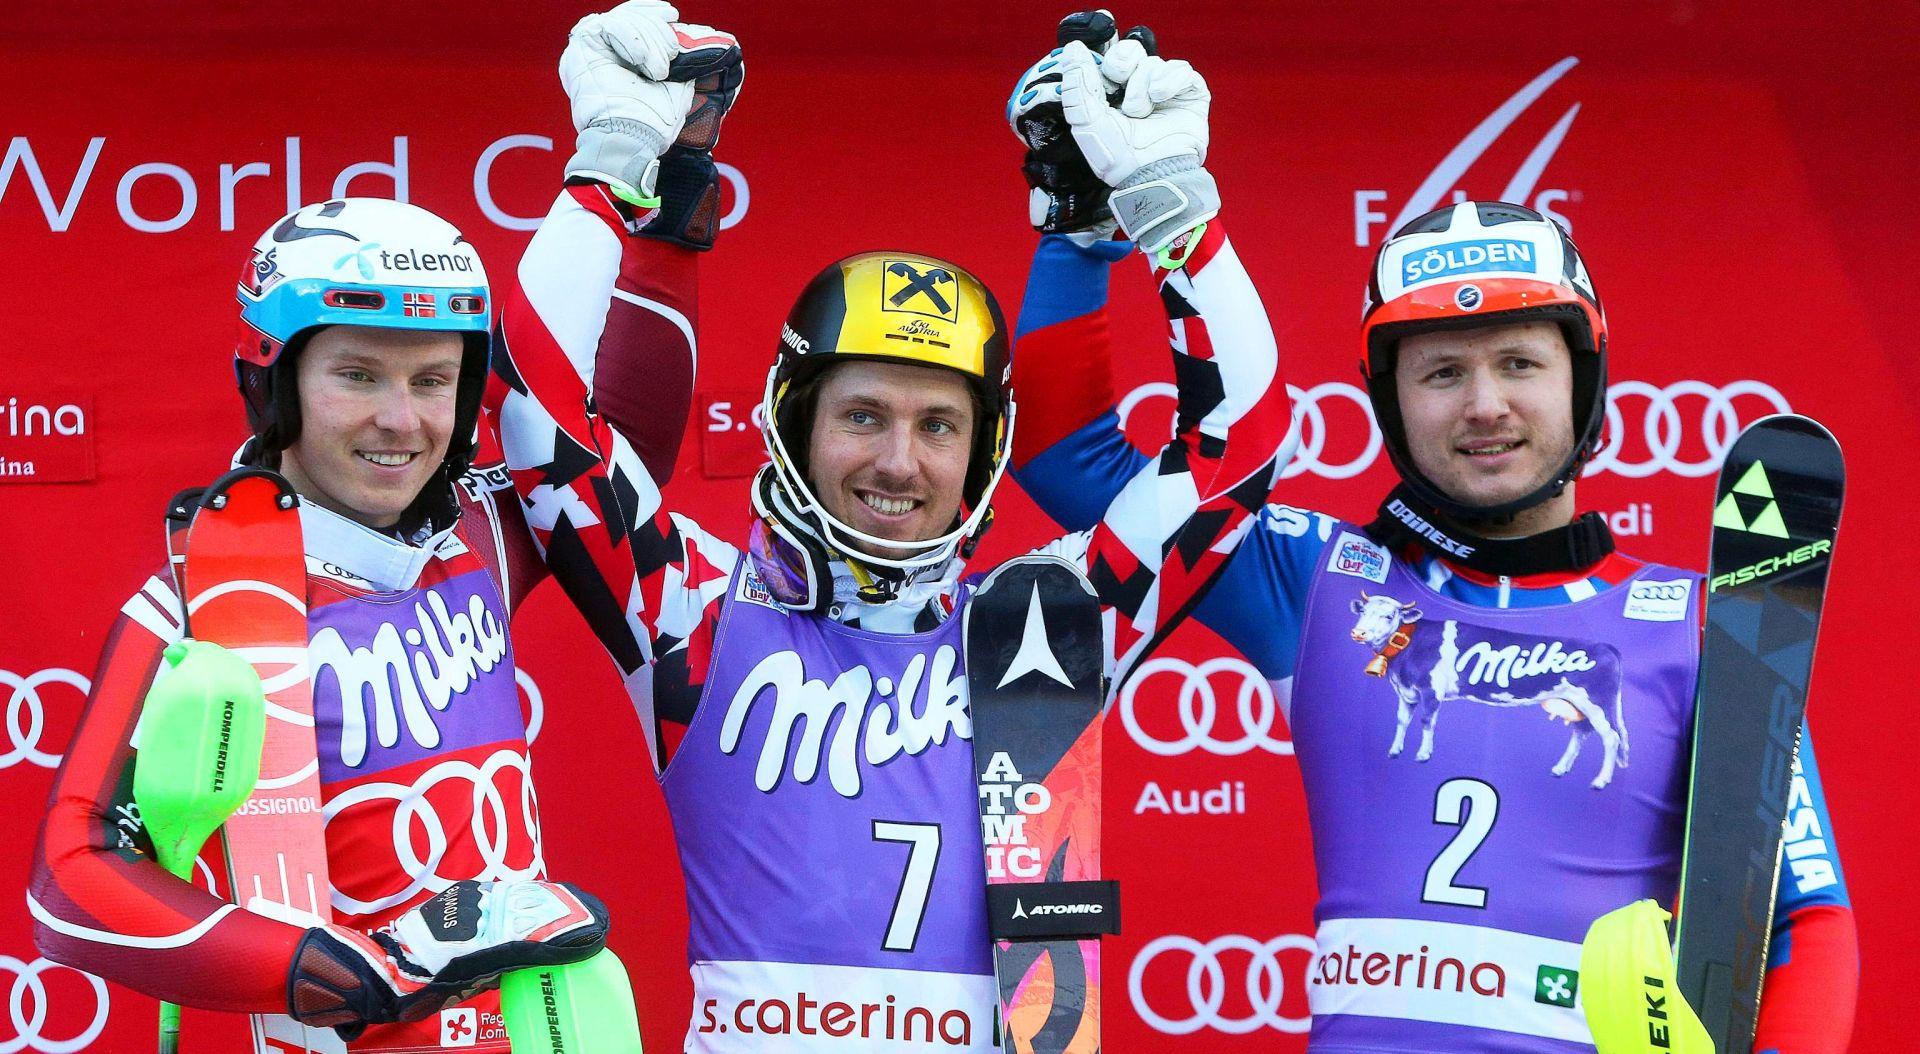 KOSTELIĆ BEZ DRUGE VOŽNJE, ZUBČIĆ I VIDOVIĆ NISU ZAVRŠILI Hirscheru slalom u Santa Caterini